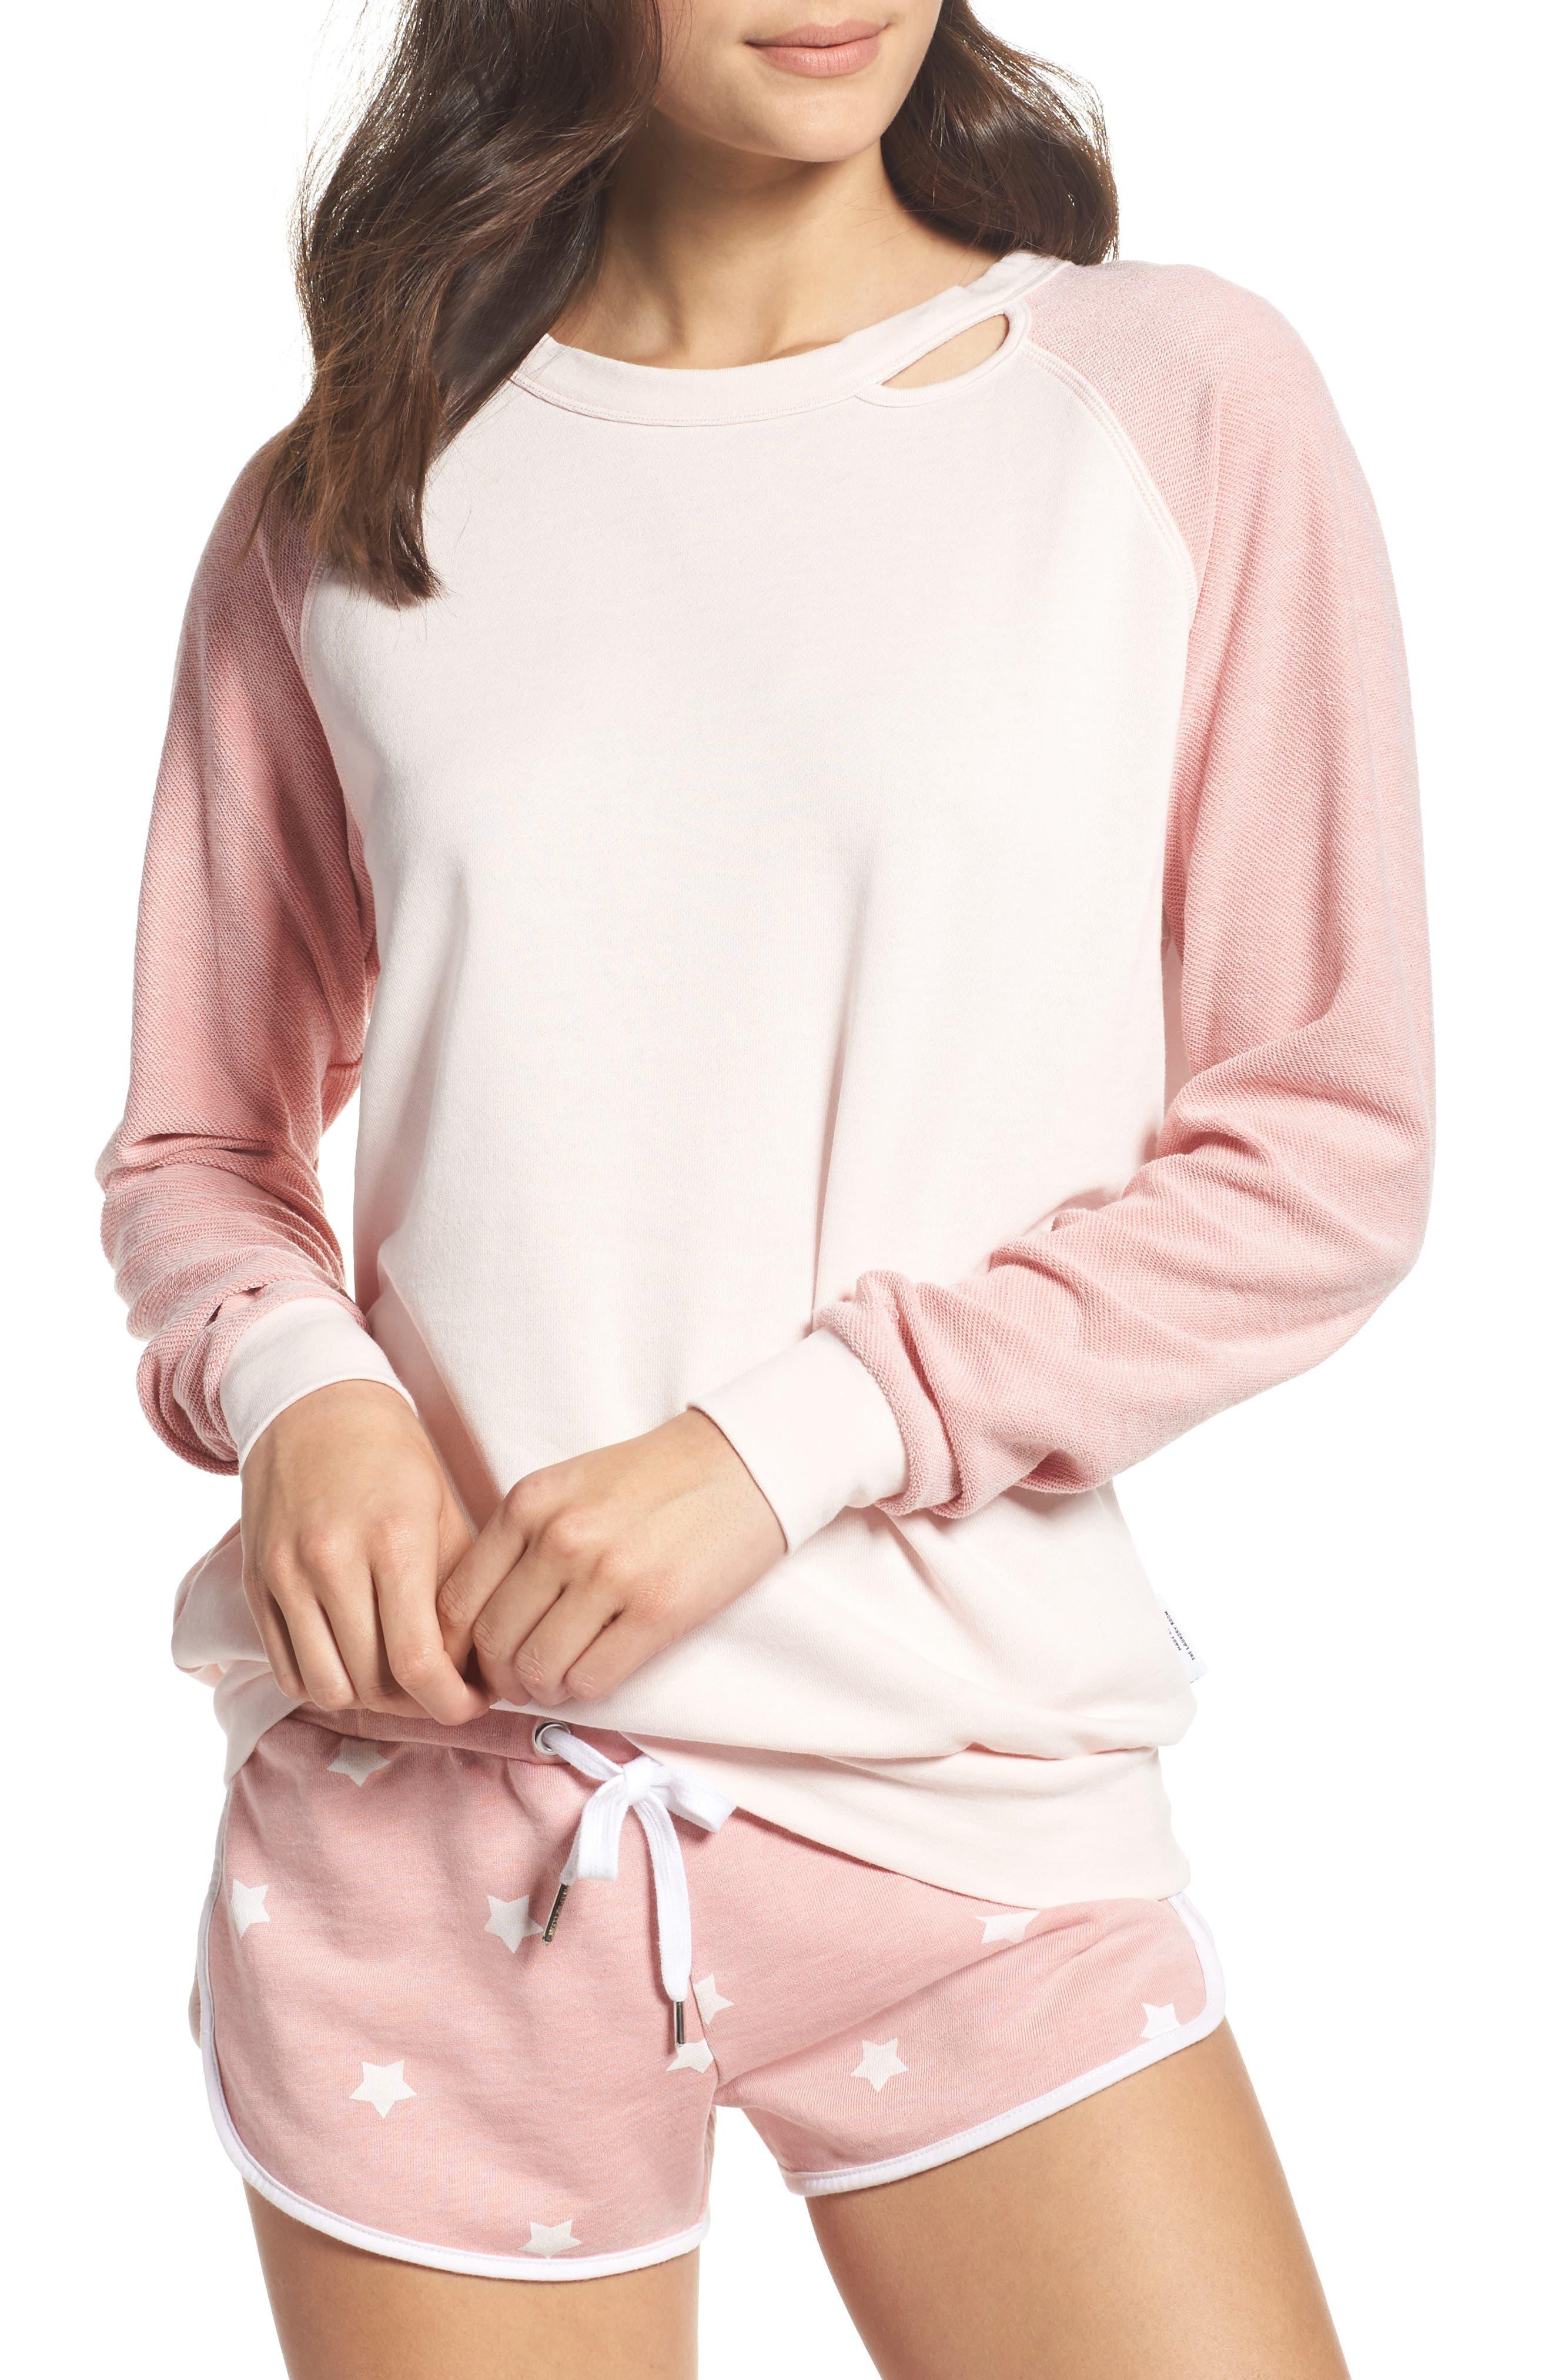 Bander Sweatshirt,                             Main thumbnail 1, color,                             Champagne / Shell